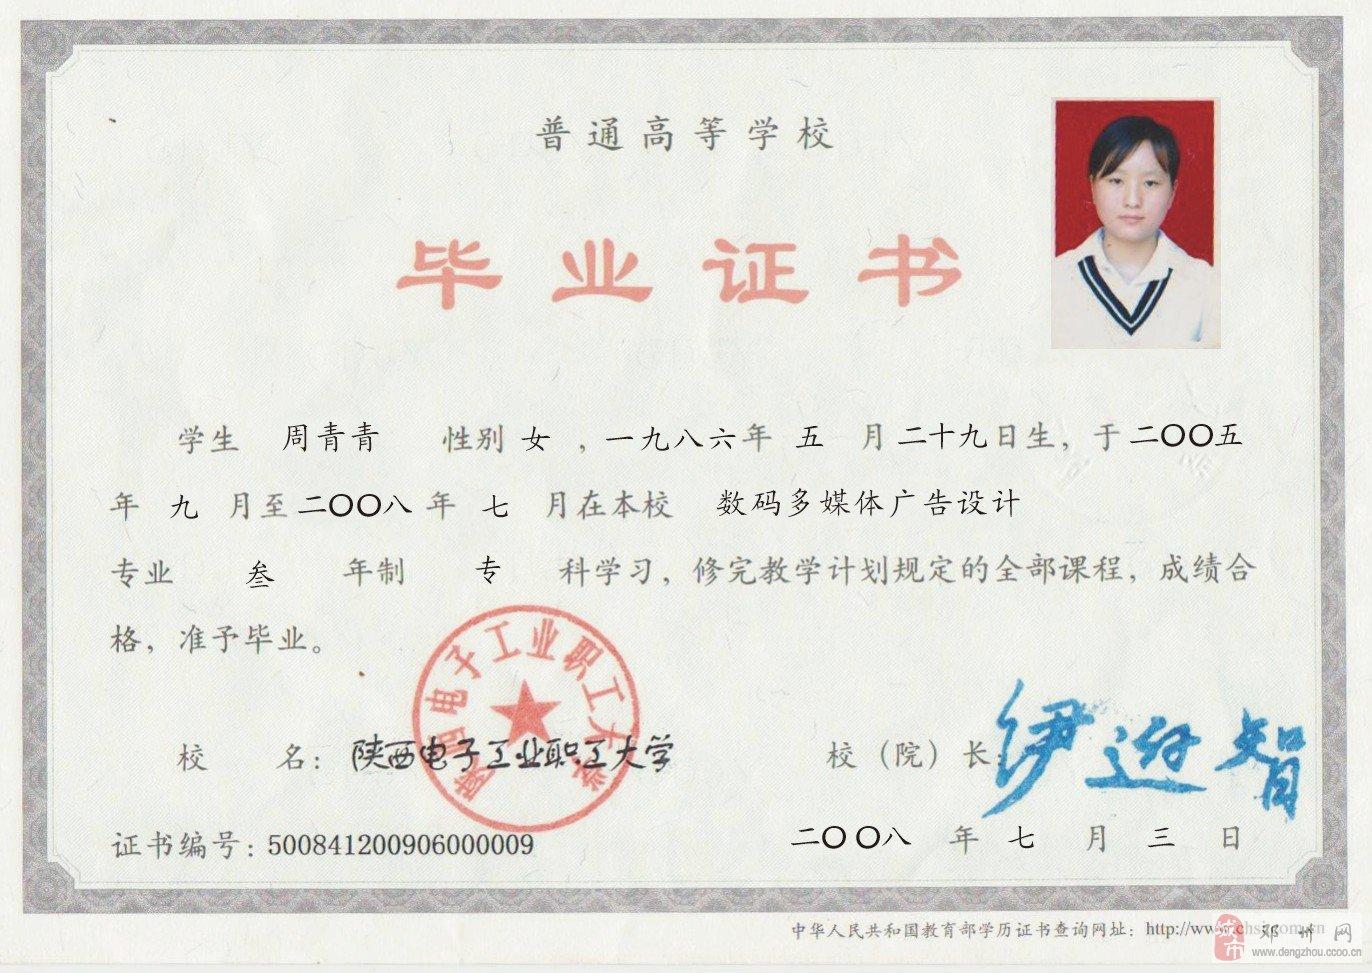 平面广告设计师_周青青求职简历_邓州人才网-邓州在线